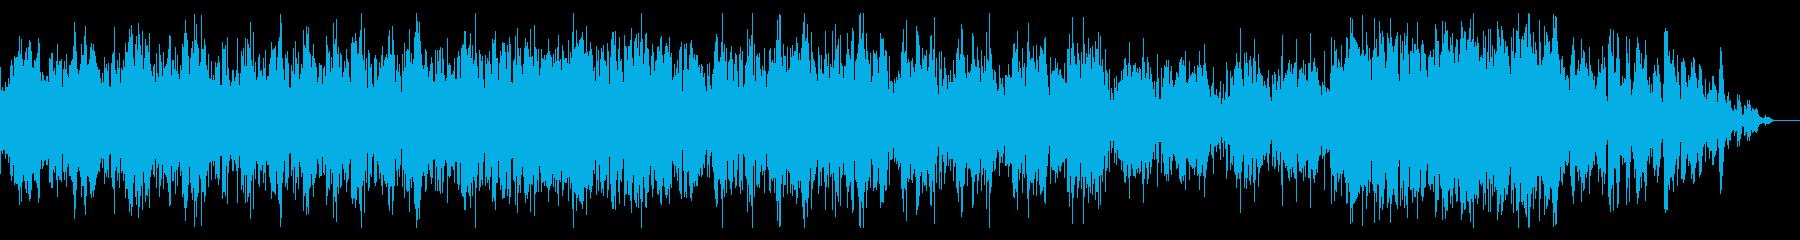 シンセティックなシネマティックBGMの再生済みの波形